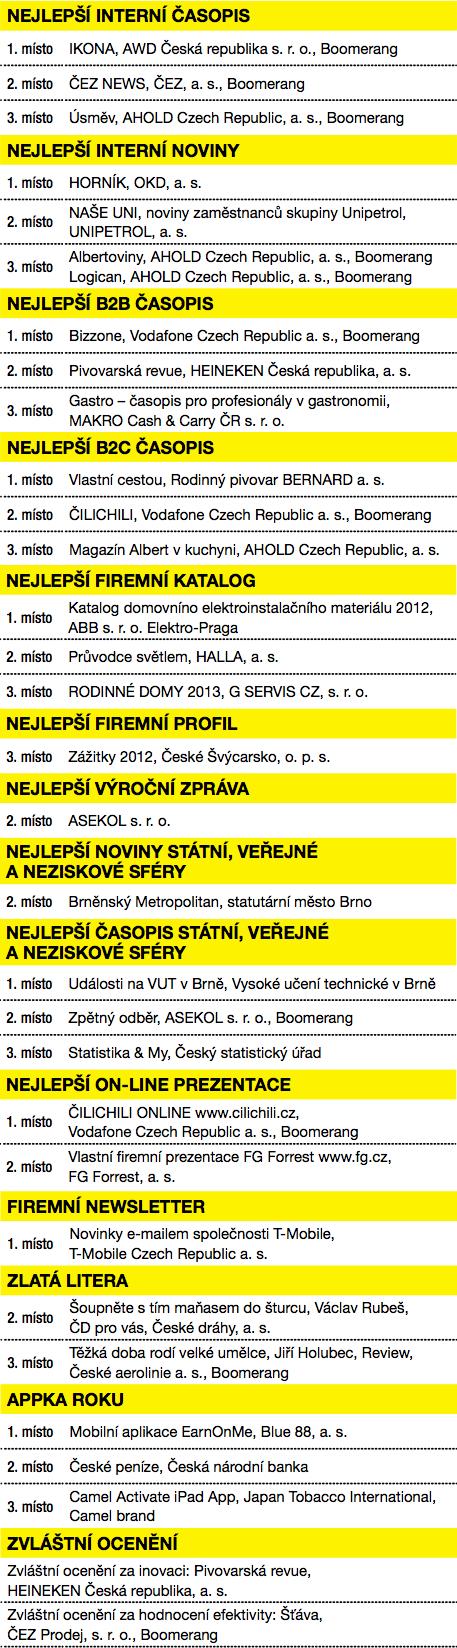 Výsledky Zlatého středníku 2012